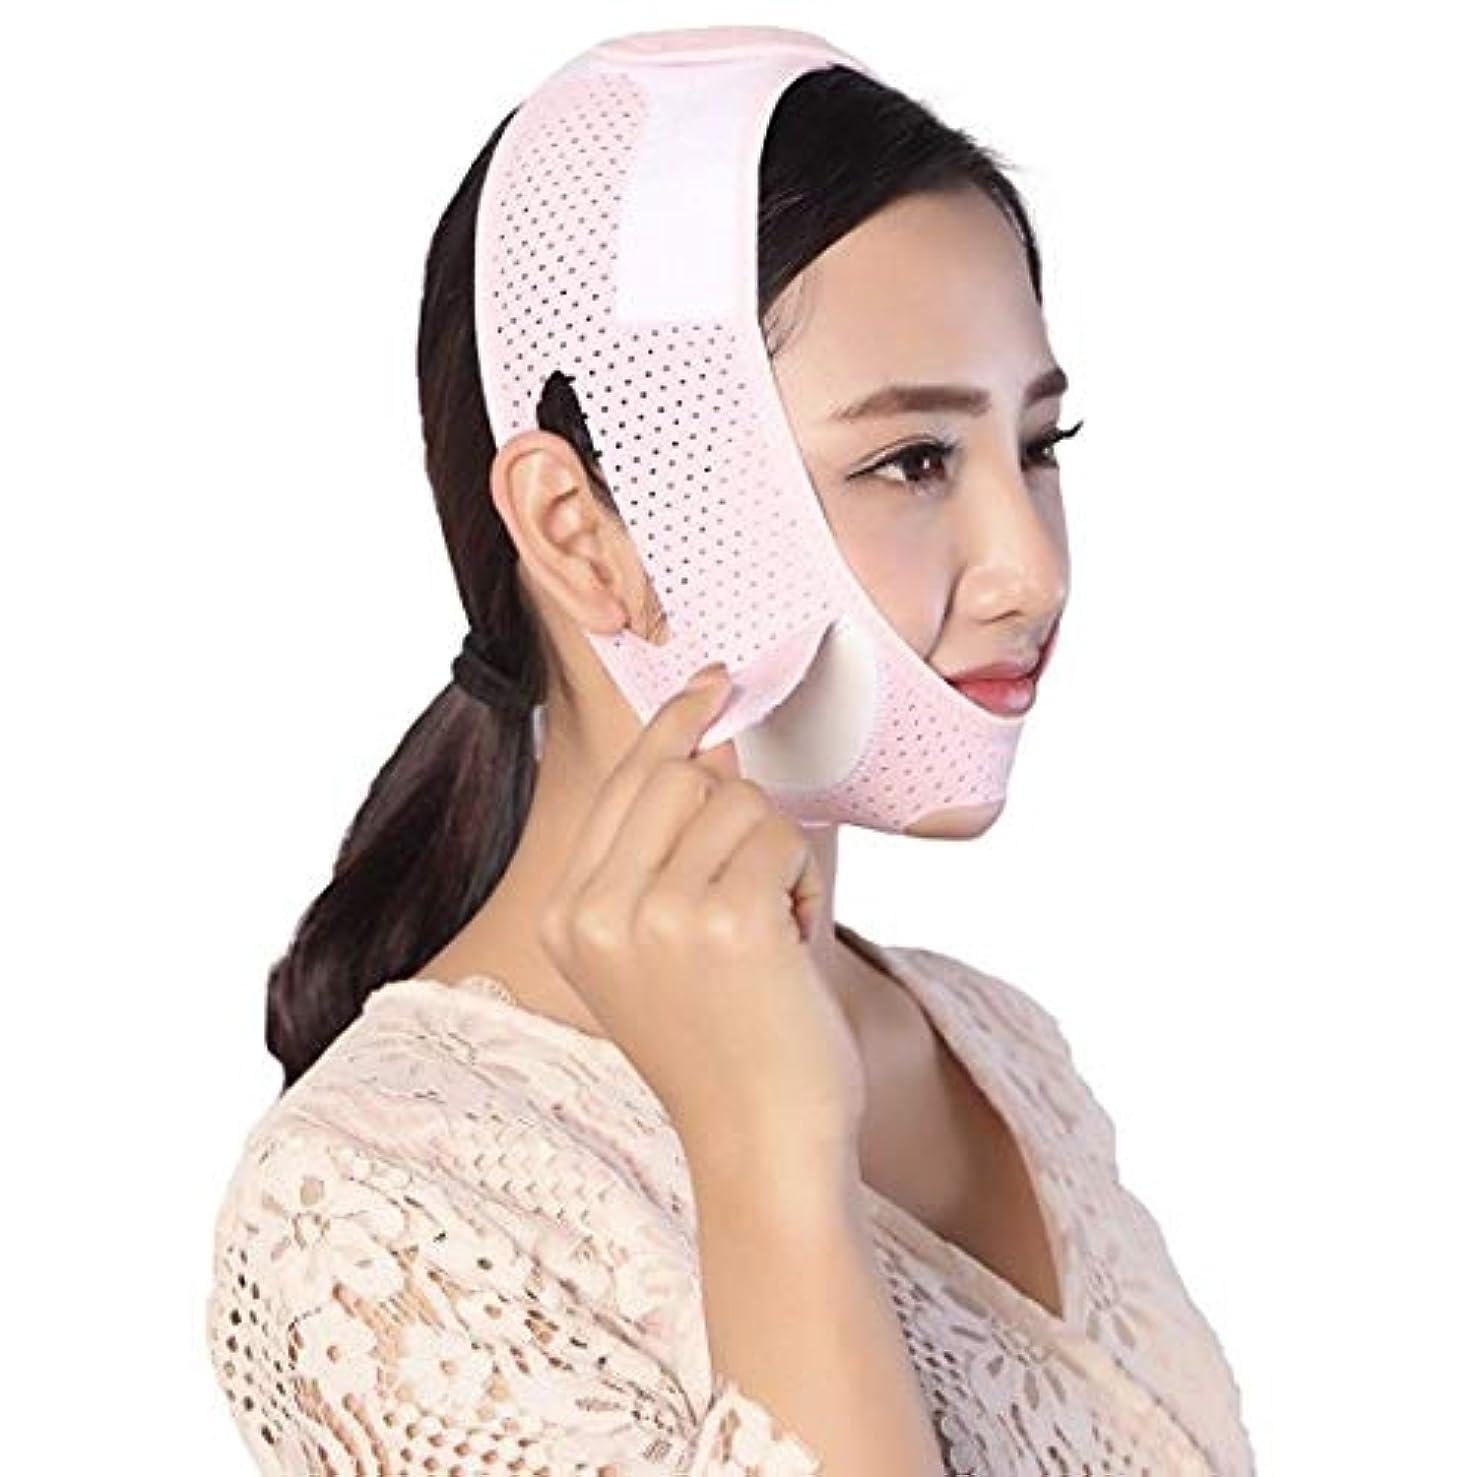 正確に真鍮閲覧するZWBD フェイスマスク, フェイスリフティングベルトリフティングVフェイスライン包帯フェイシャル引き締め二重あごの法則睡眠マスク通気性